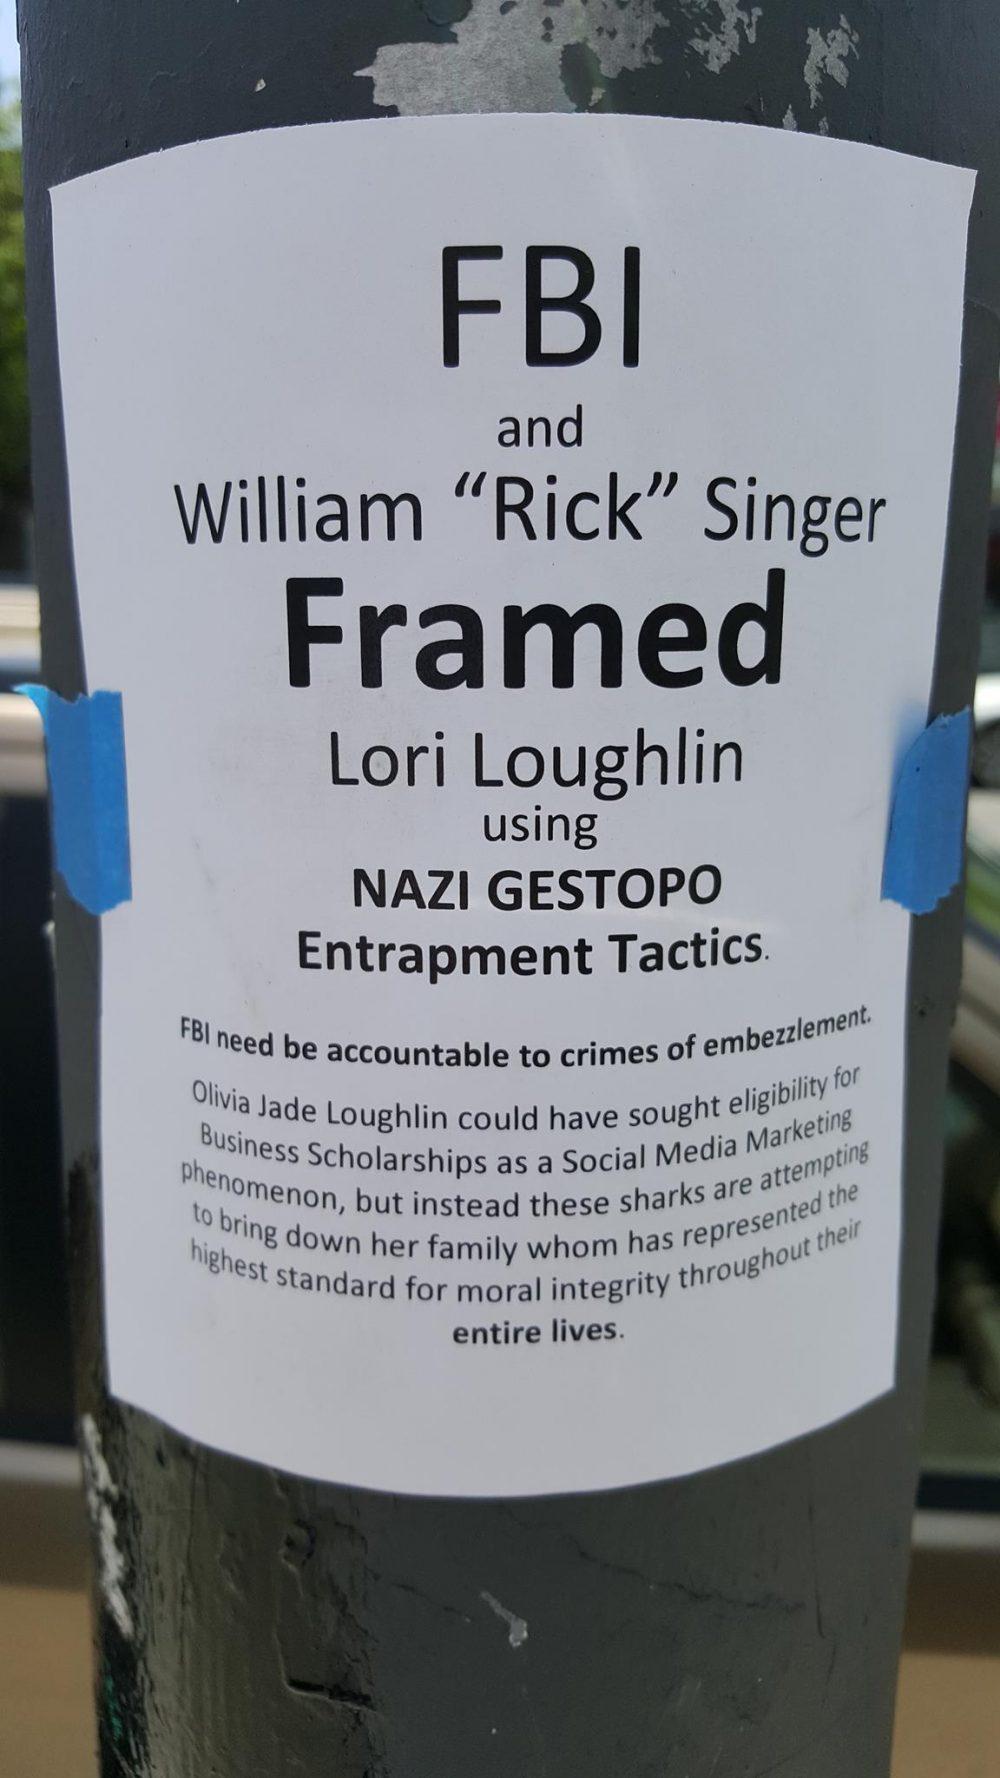 lori loughlin framed flyer